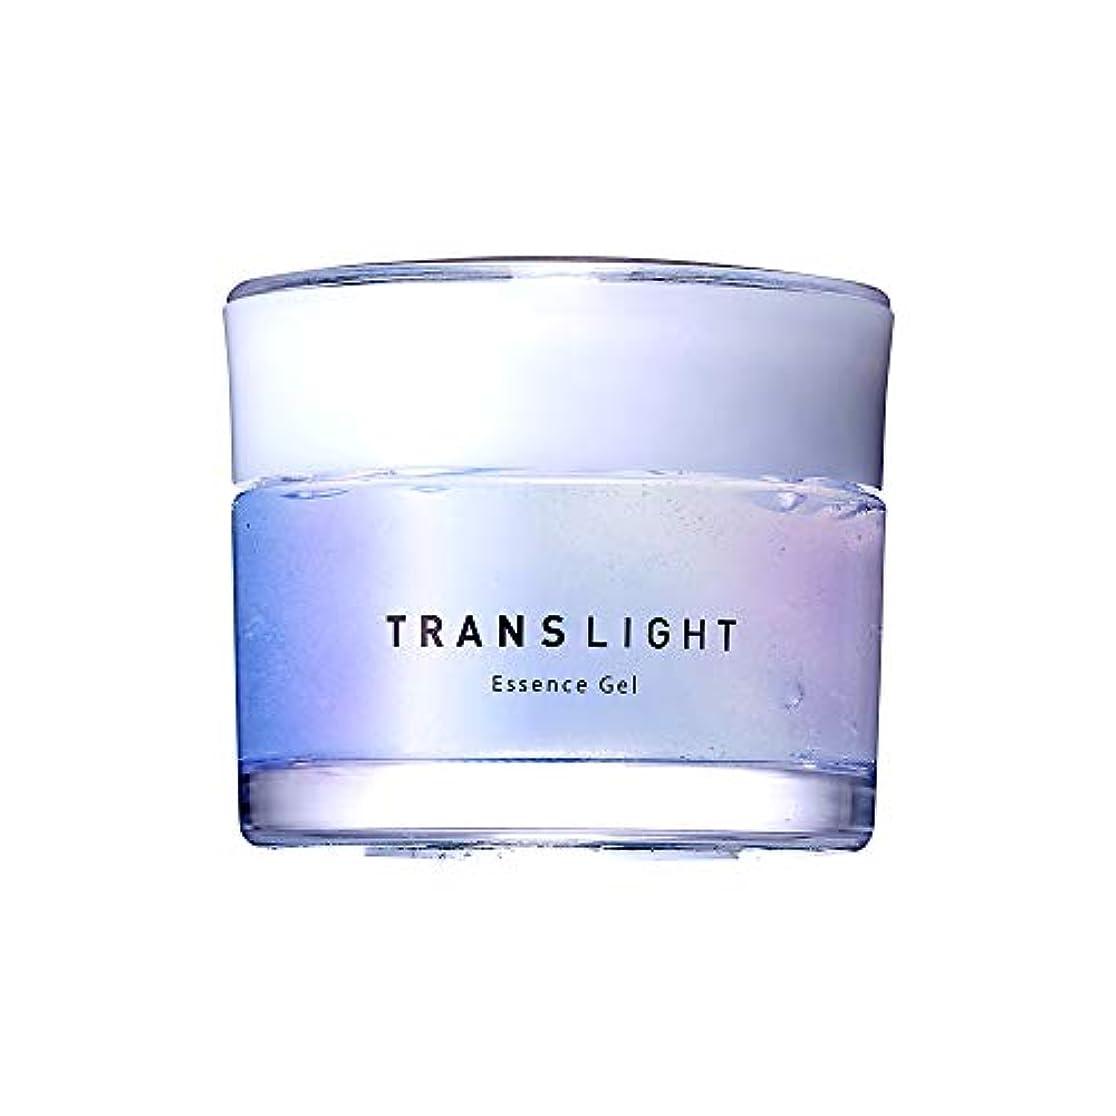 急降下モニカ揃えるTRANSLIGHT トランスライト エッセンスジェル <ジェル状美容液> 30g